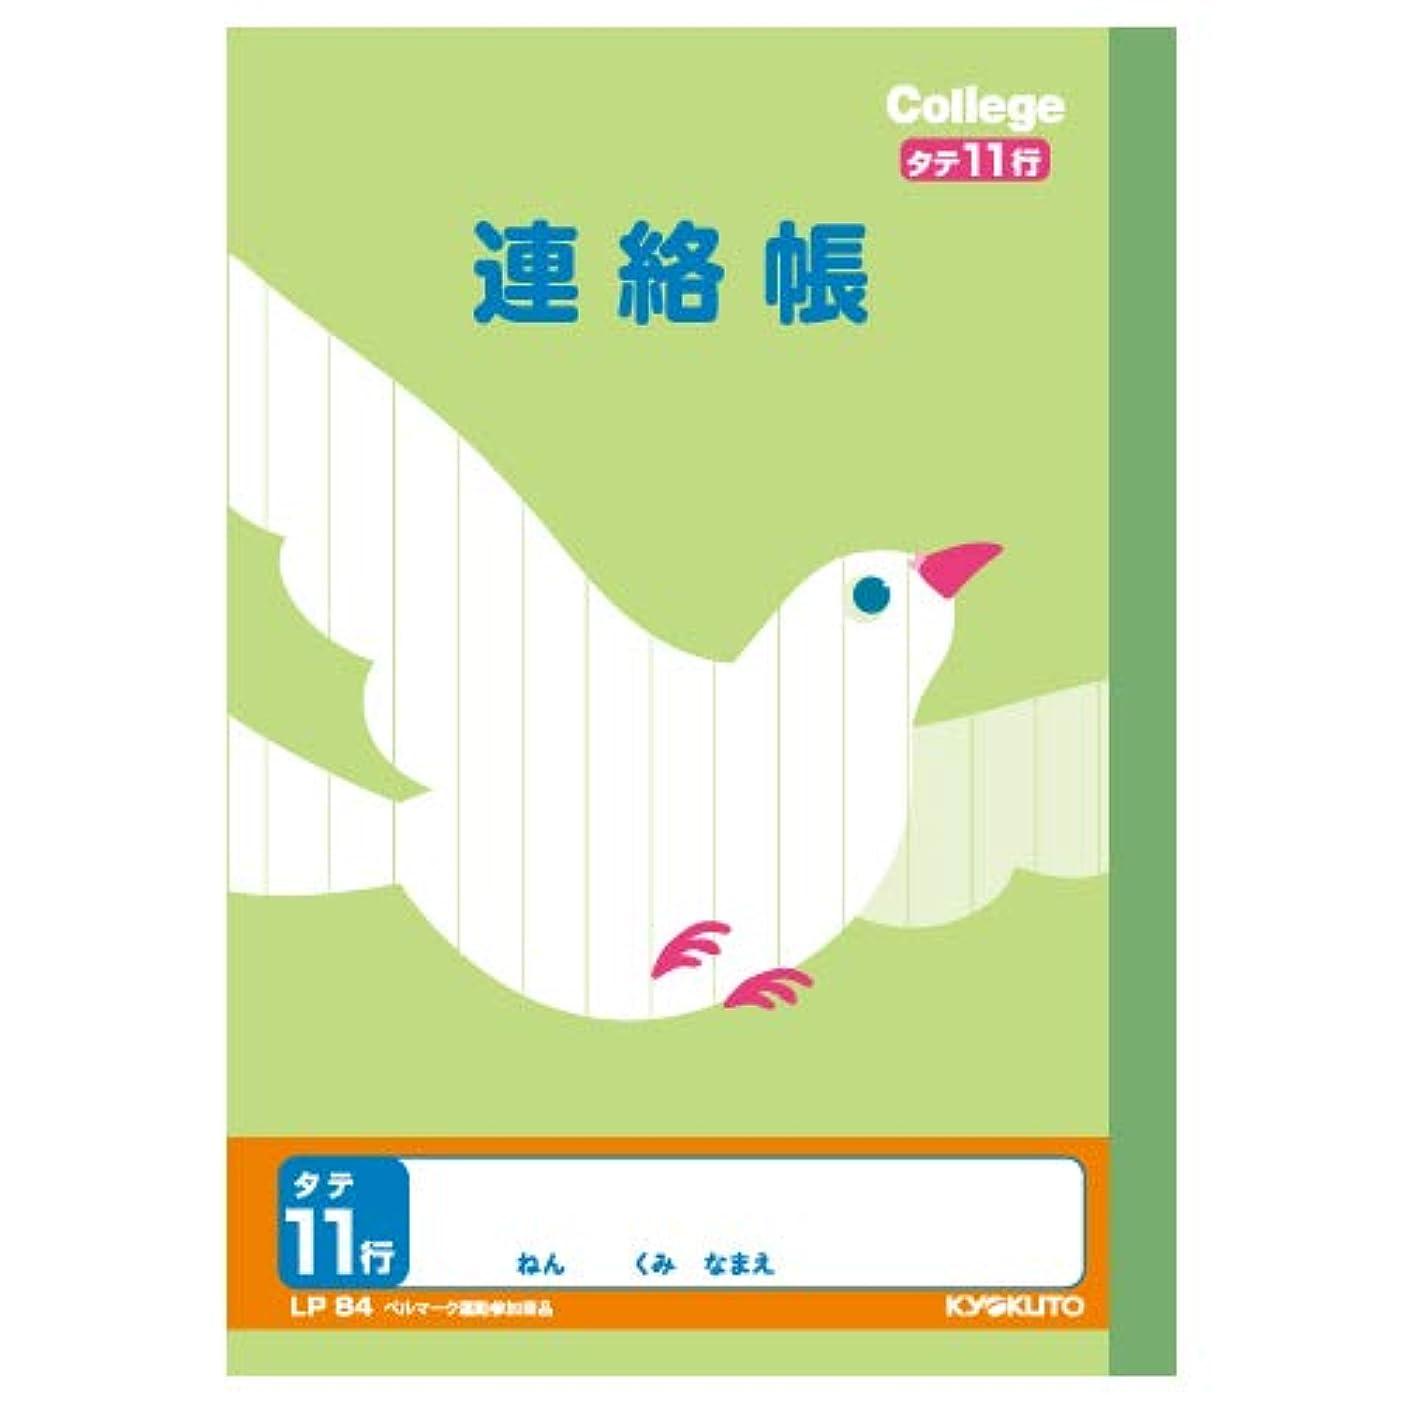 慣れている高尚な収益キョクトウ カレッジアニマル学習帳 A5 連絡帳 タテ11行 LP84